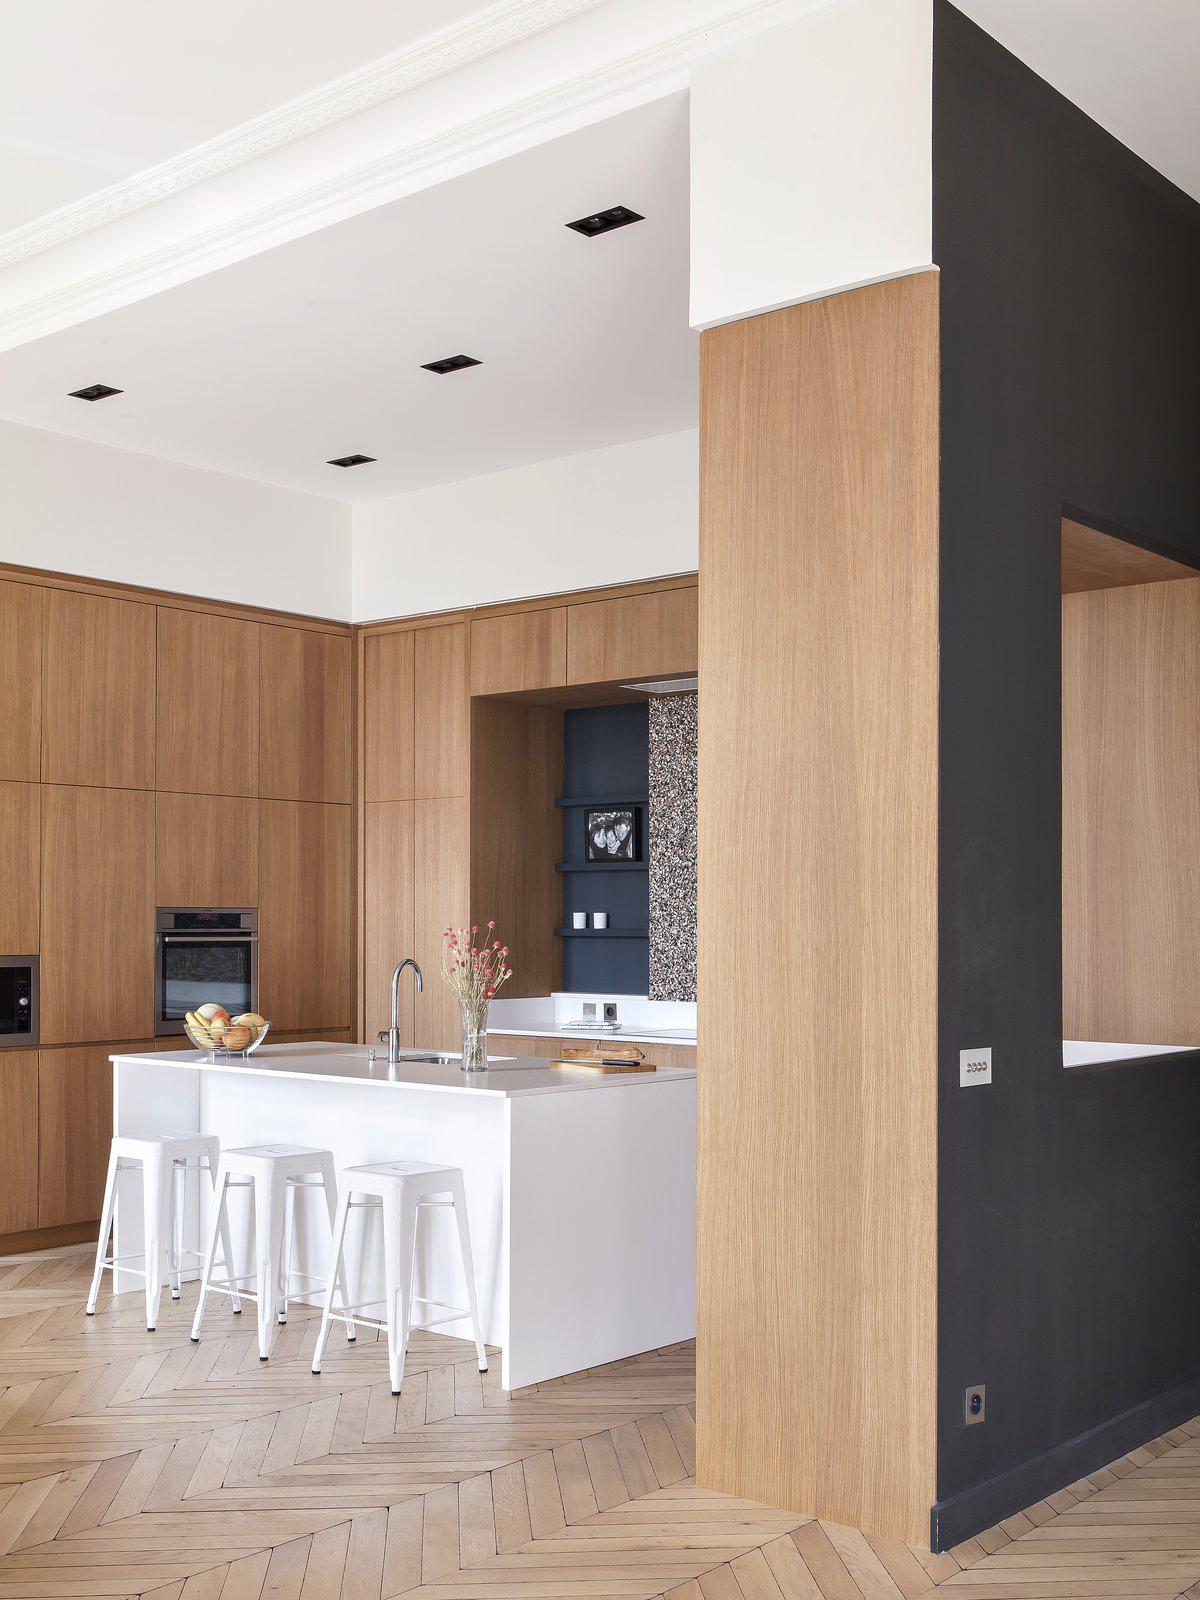 Denne gamle leiligheten i Paris har fått nytt liv mye takket være  Camille Hermand Architects . Kjøkkenet er kledd i den fineste finér fra Oberflex og gulvet består av staver i fiskebensmønster. Vi kan levere begge deler til ditt neste prosjekt!